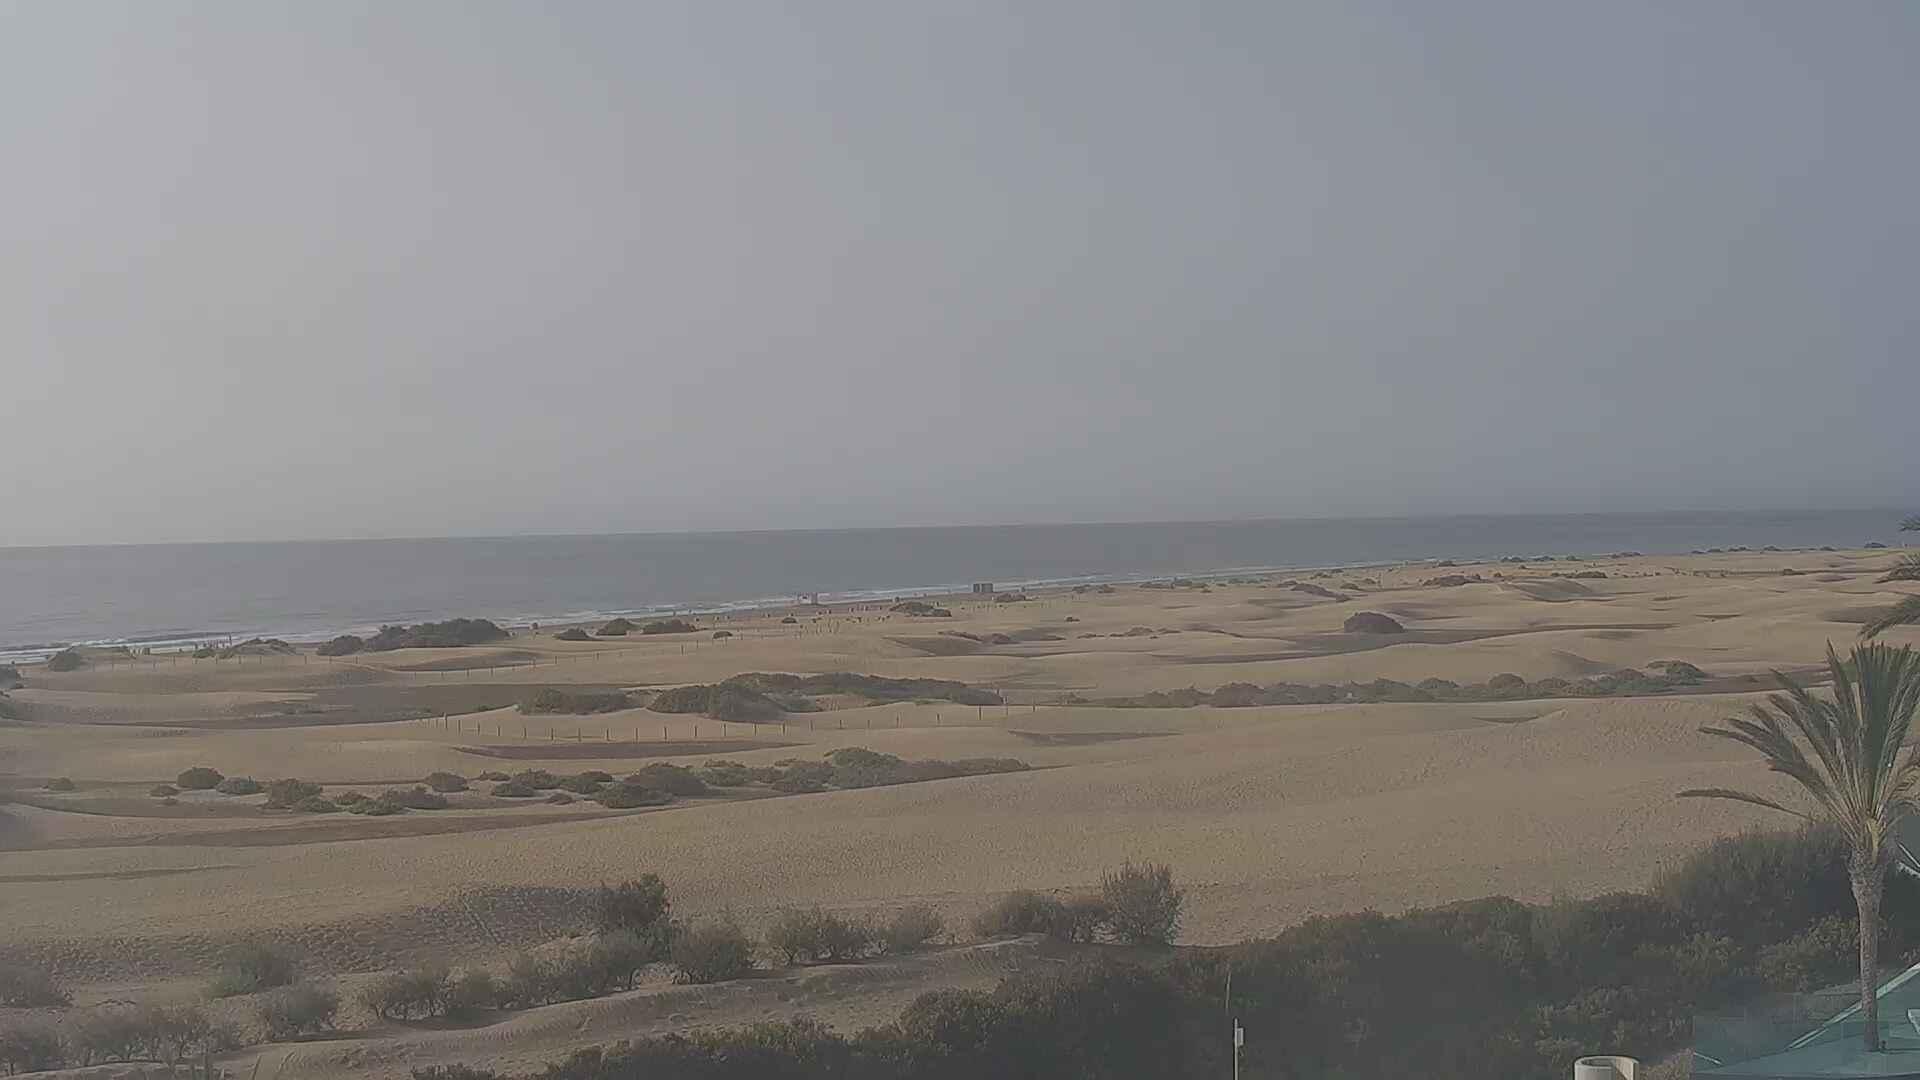 Playa del Ingles (Gran Canaria) Sun. 09:36